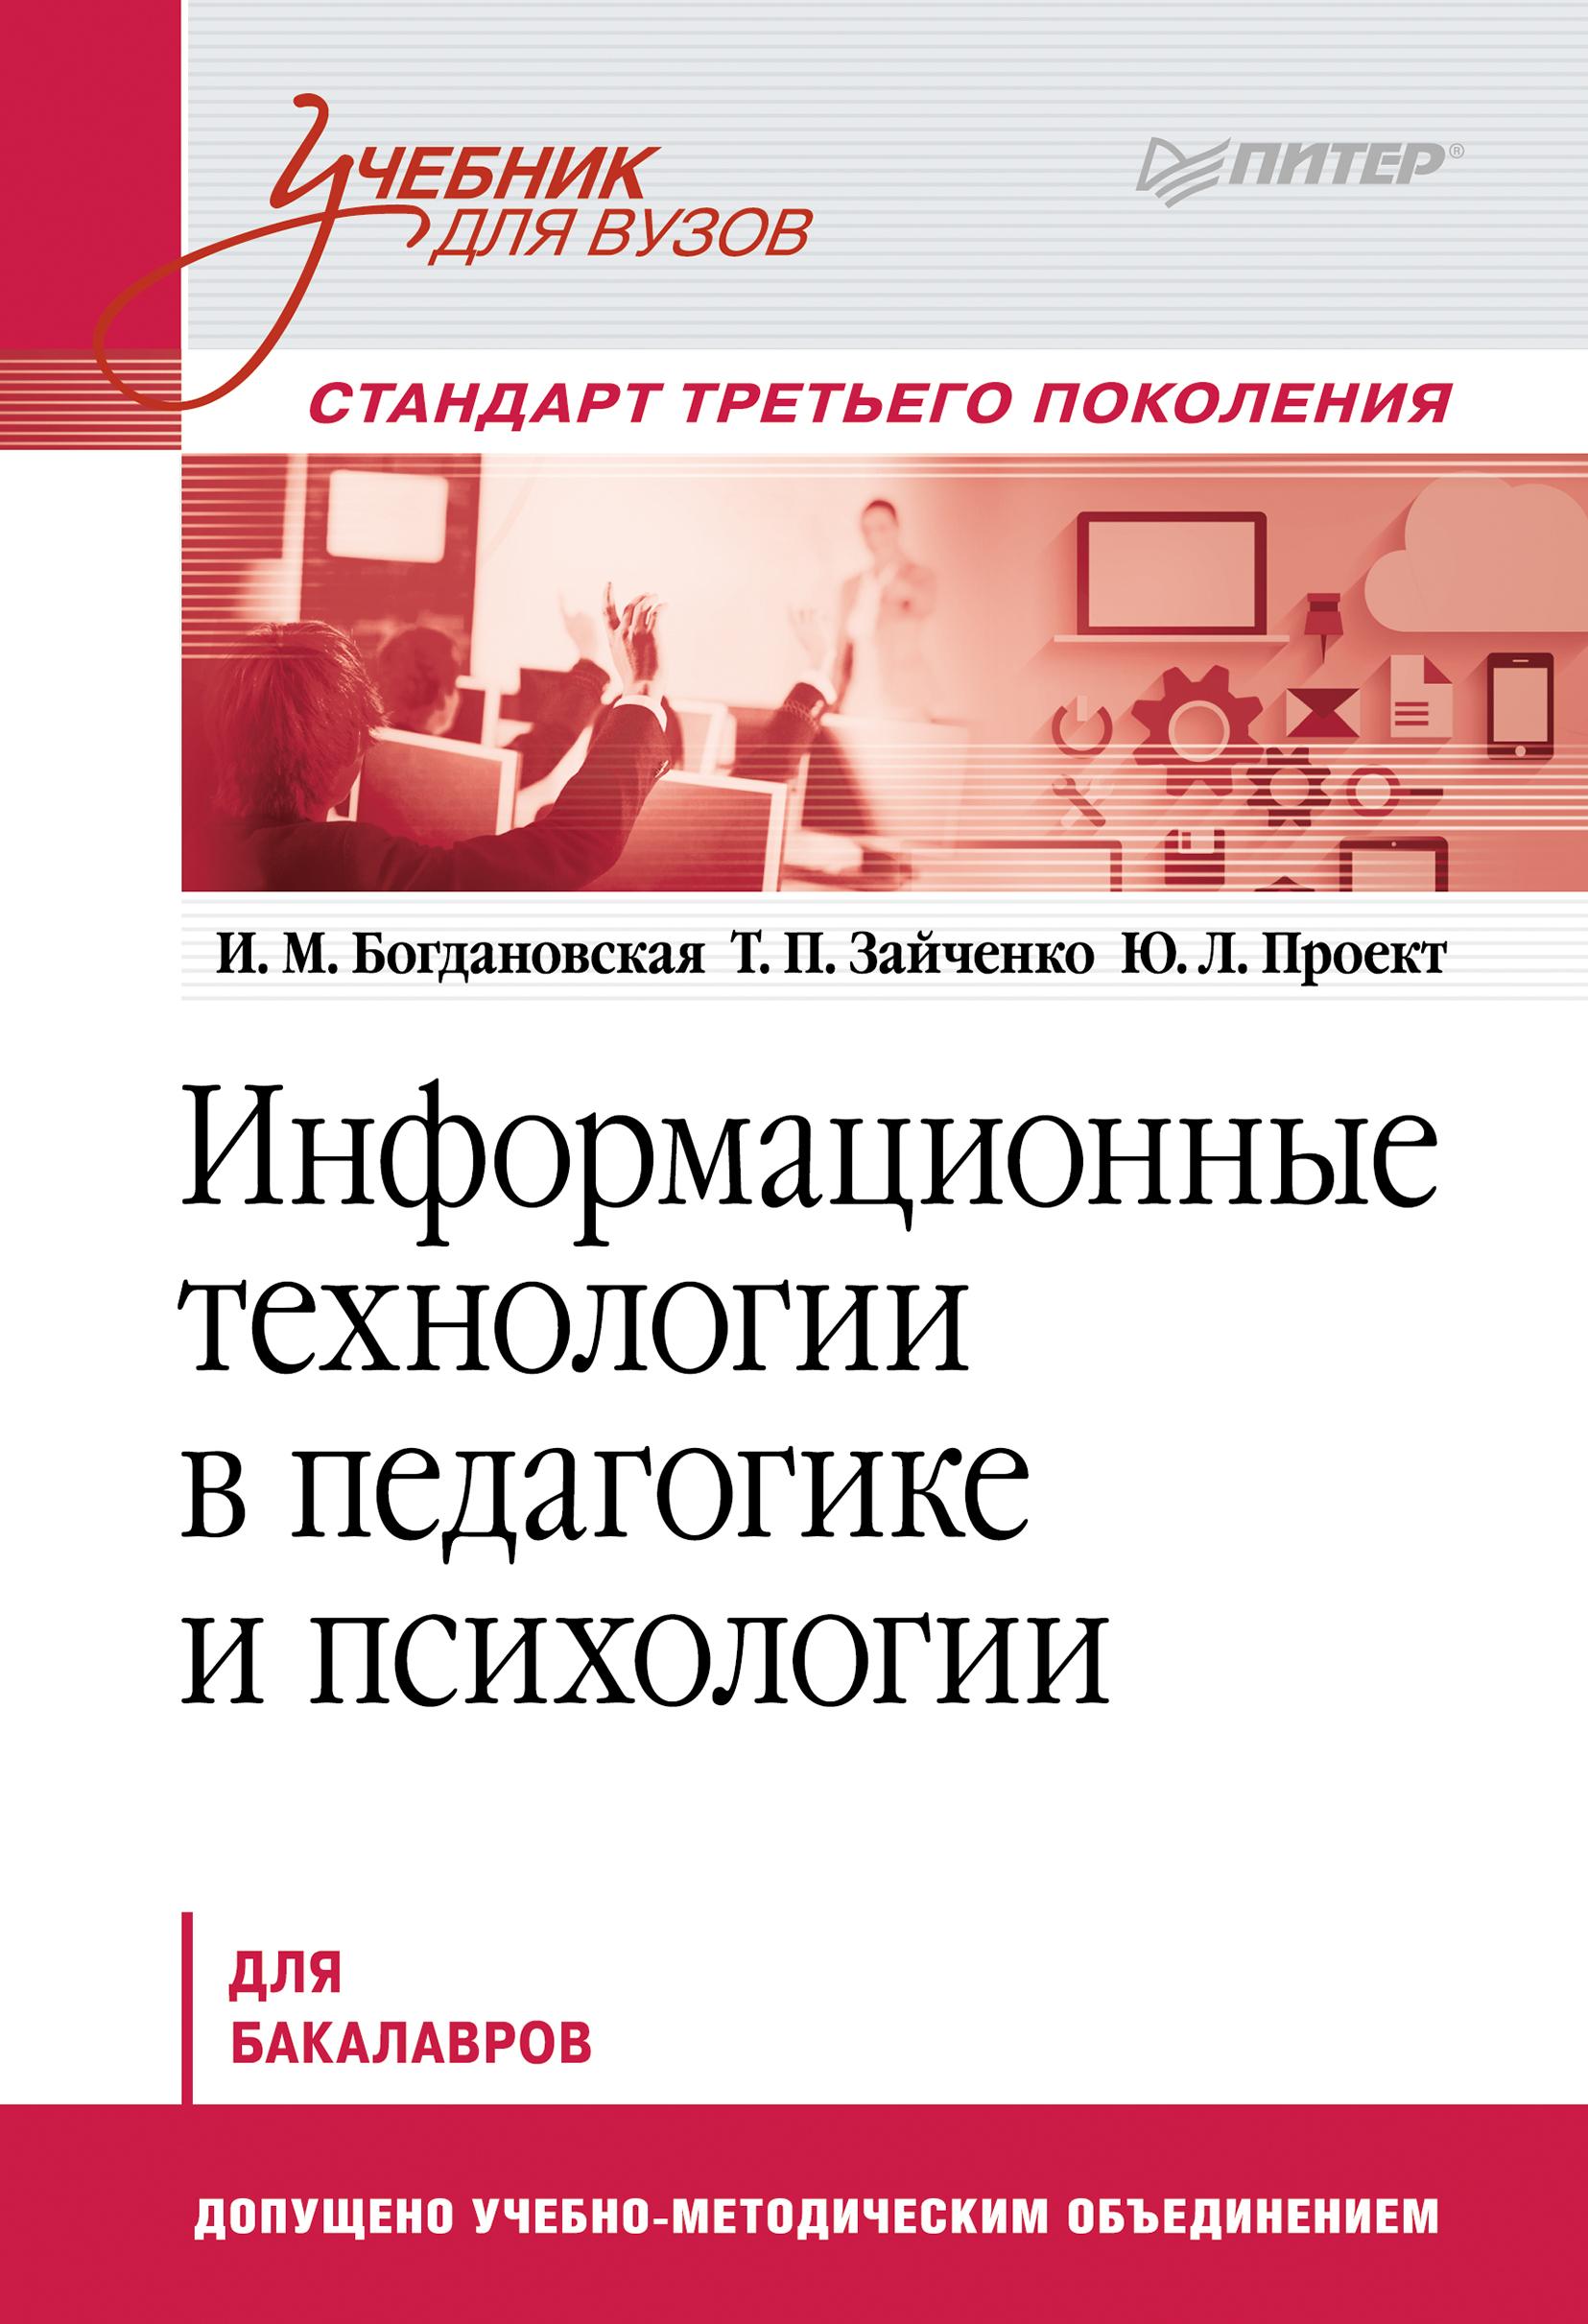 И. М. Богдановская Информационные технологии в педагогике и психологии. Учебник для вузов